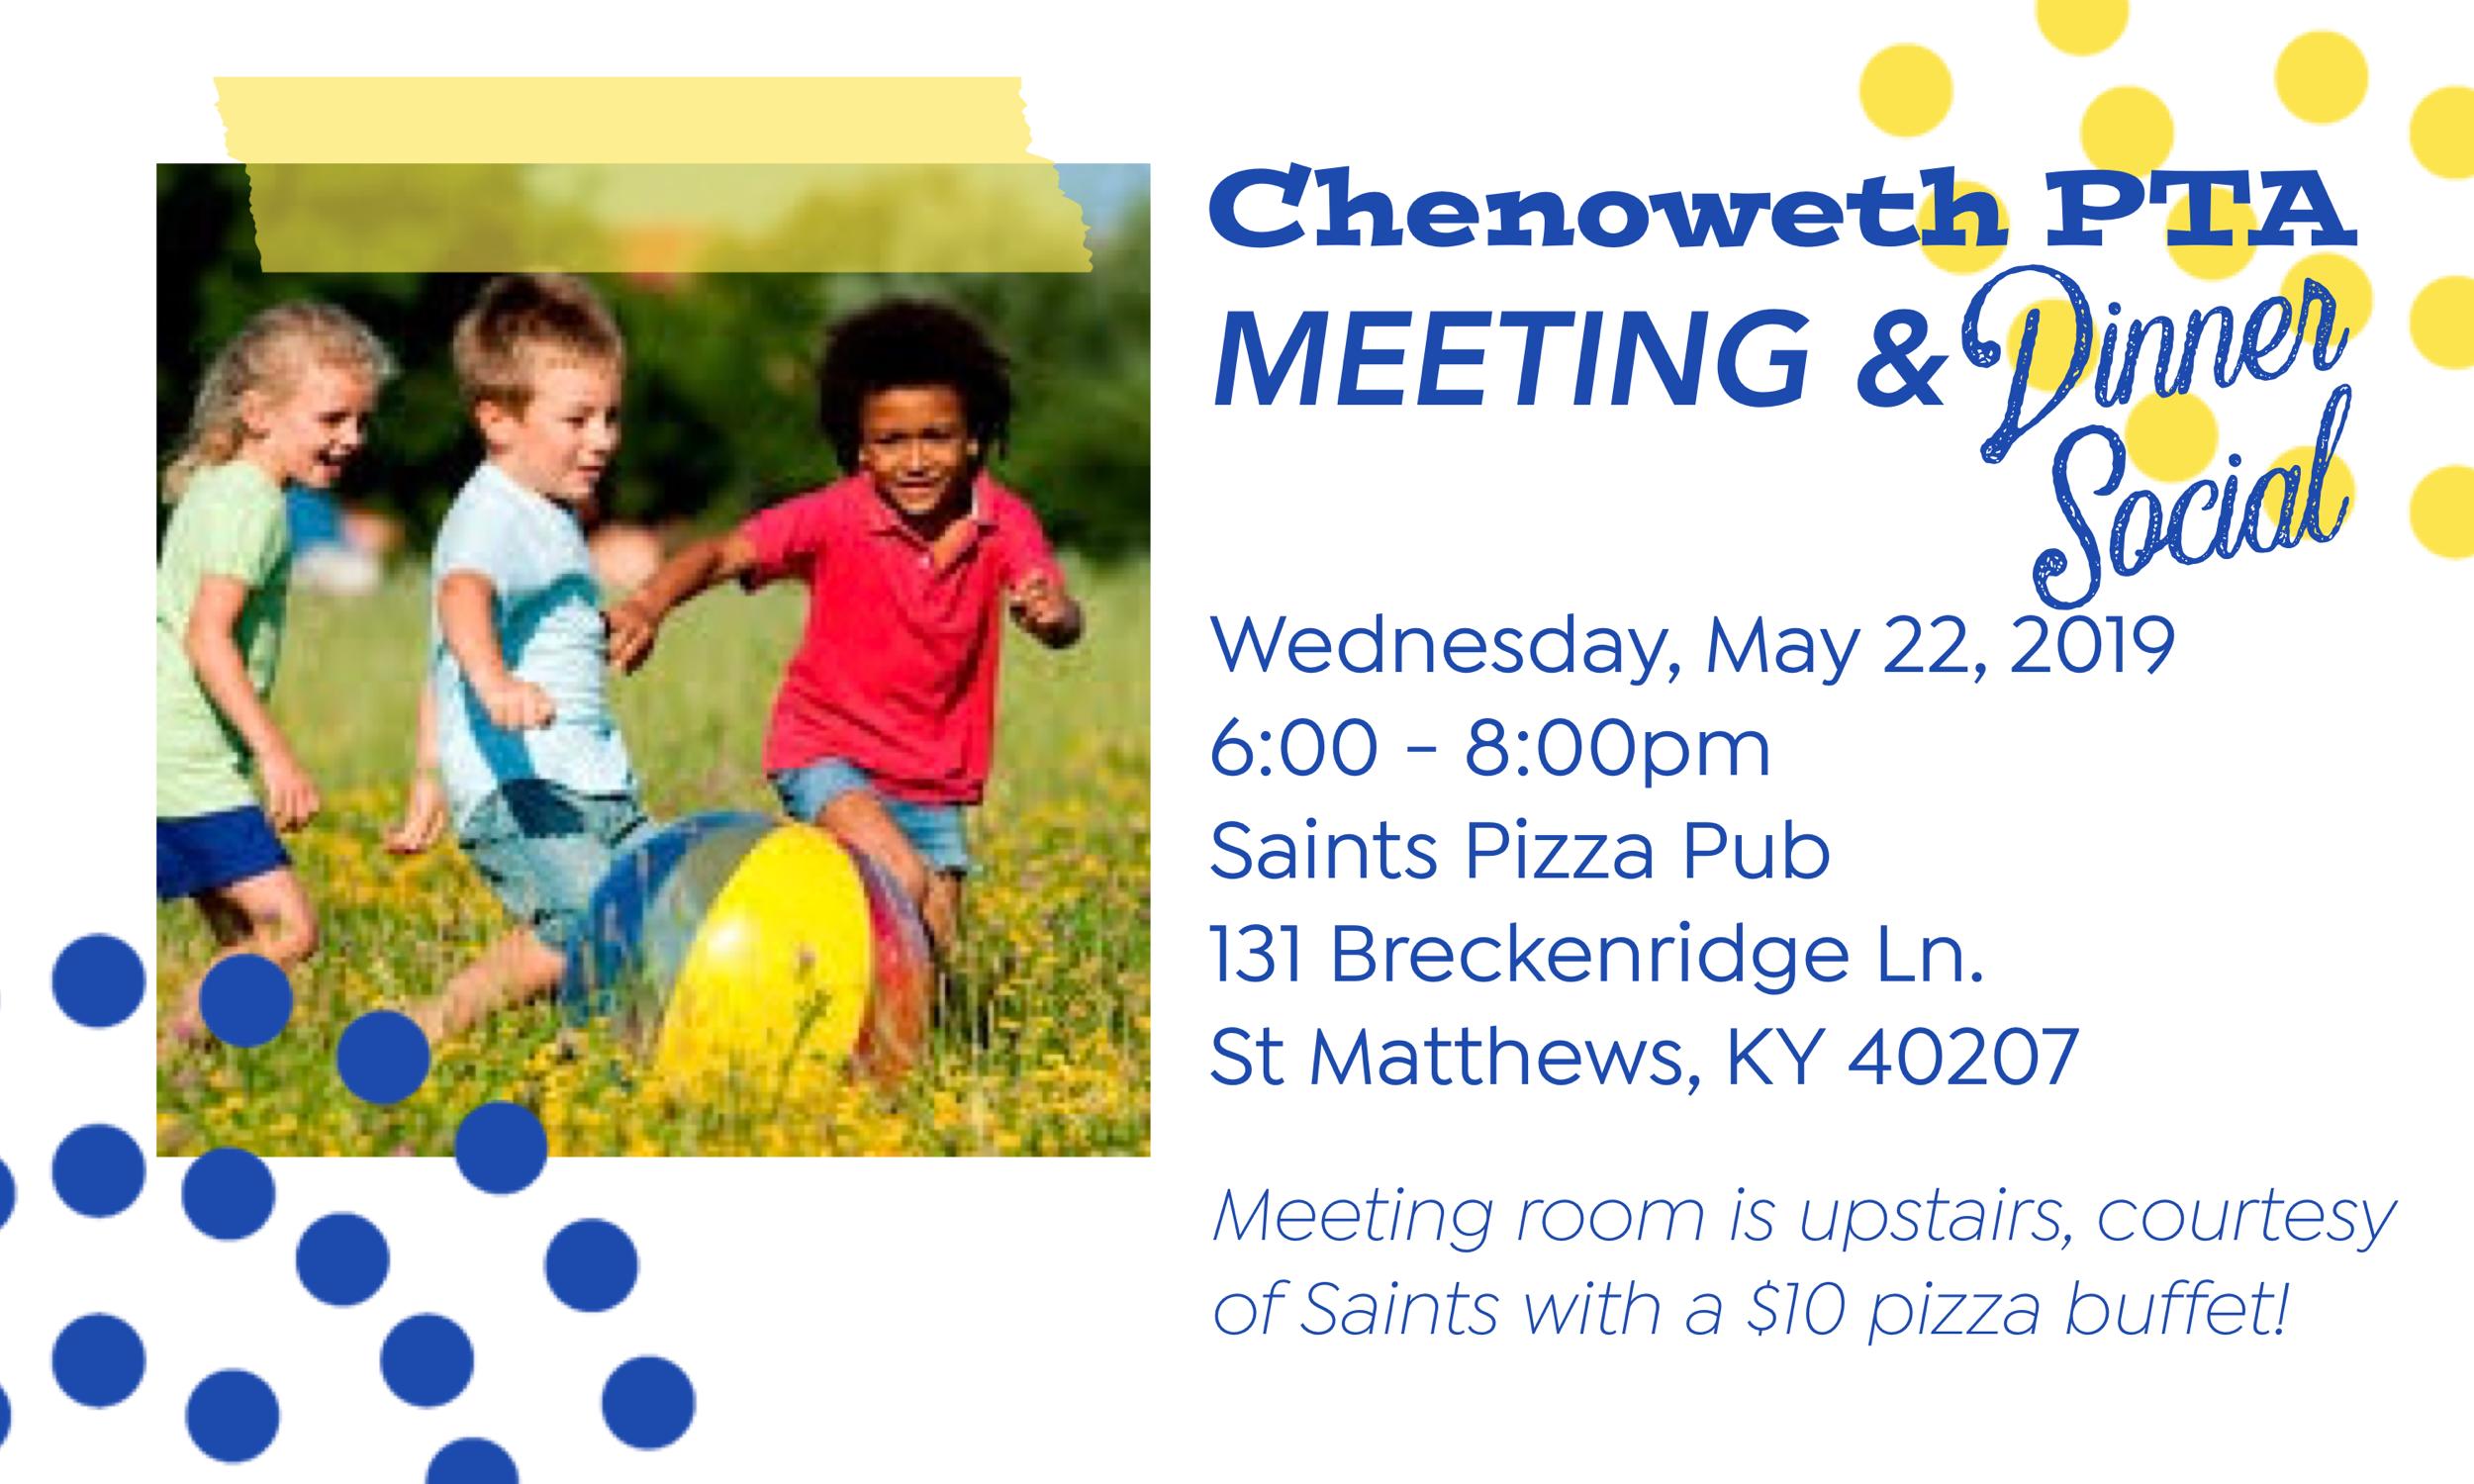 Chenoweth PTA's May Meeting & Social — Chenoweth PTA